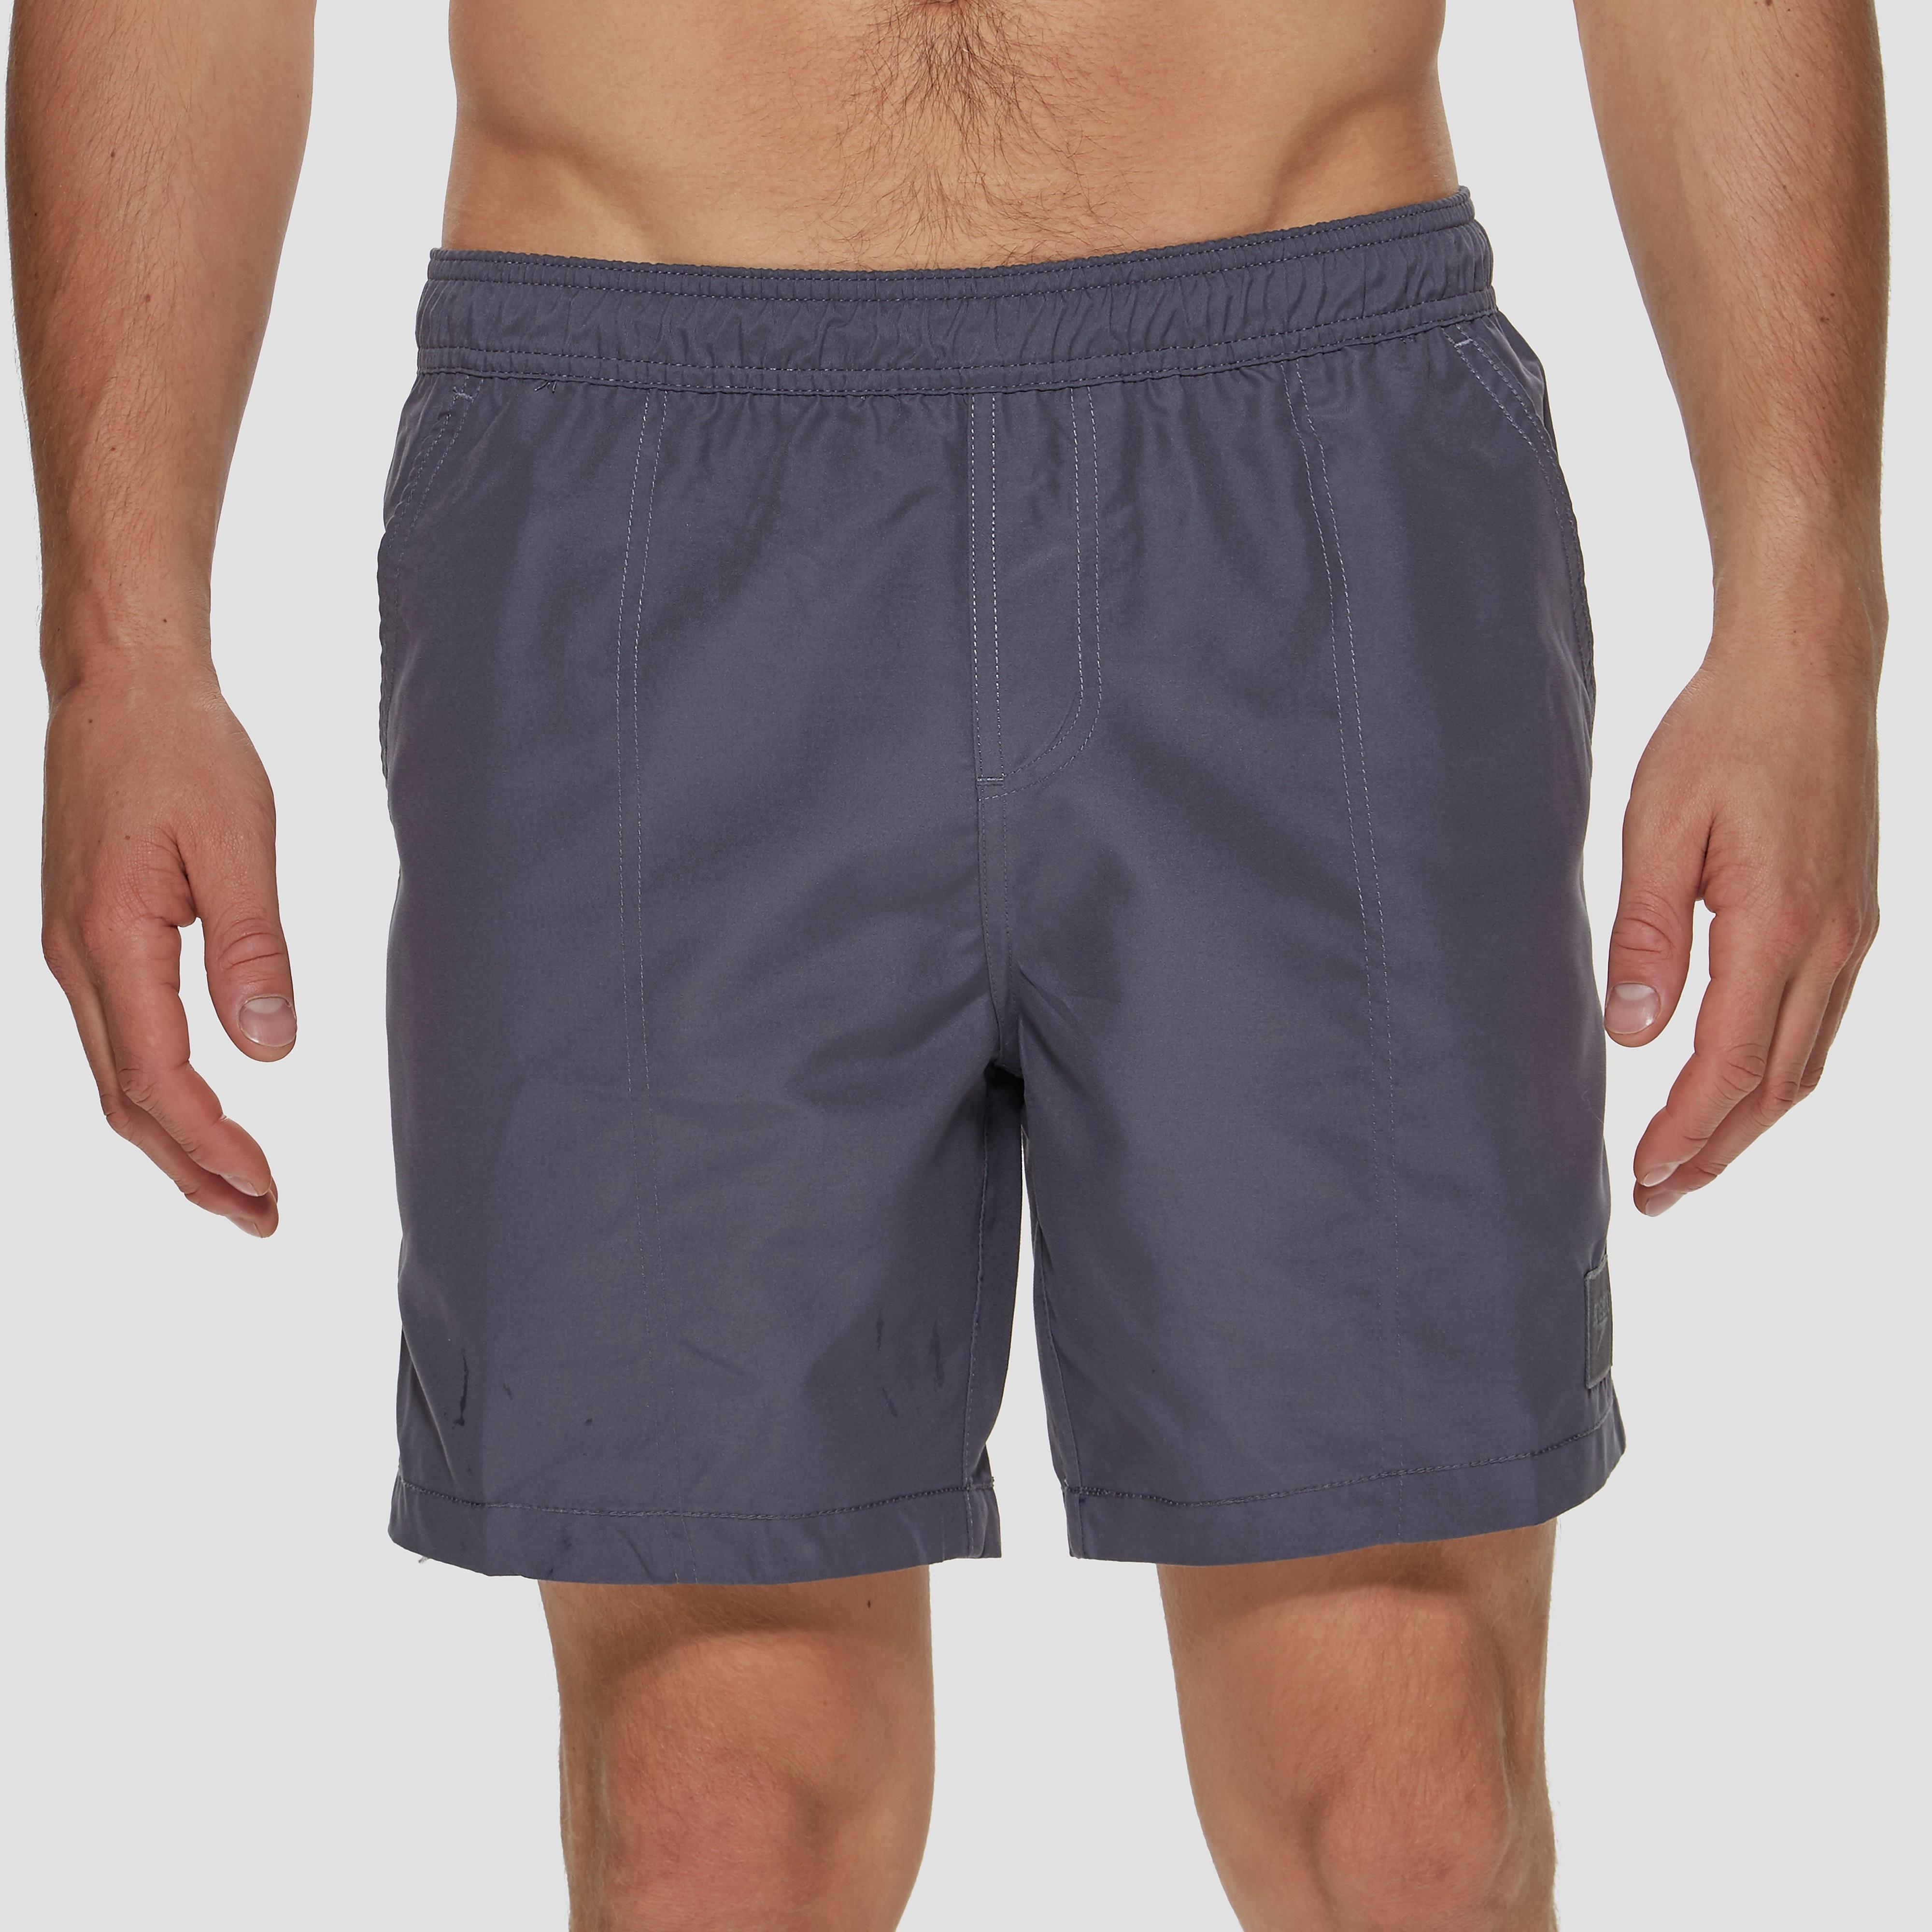 Speedo Check Trim Leisure 16 Men's Swimming Shorts